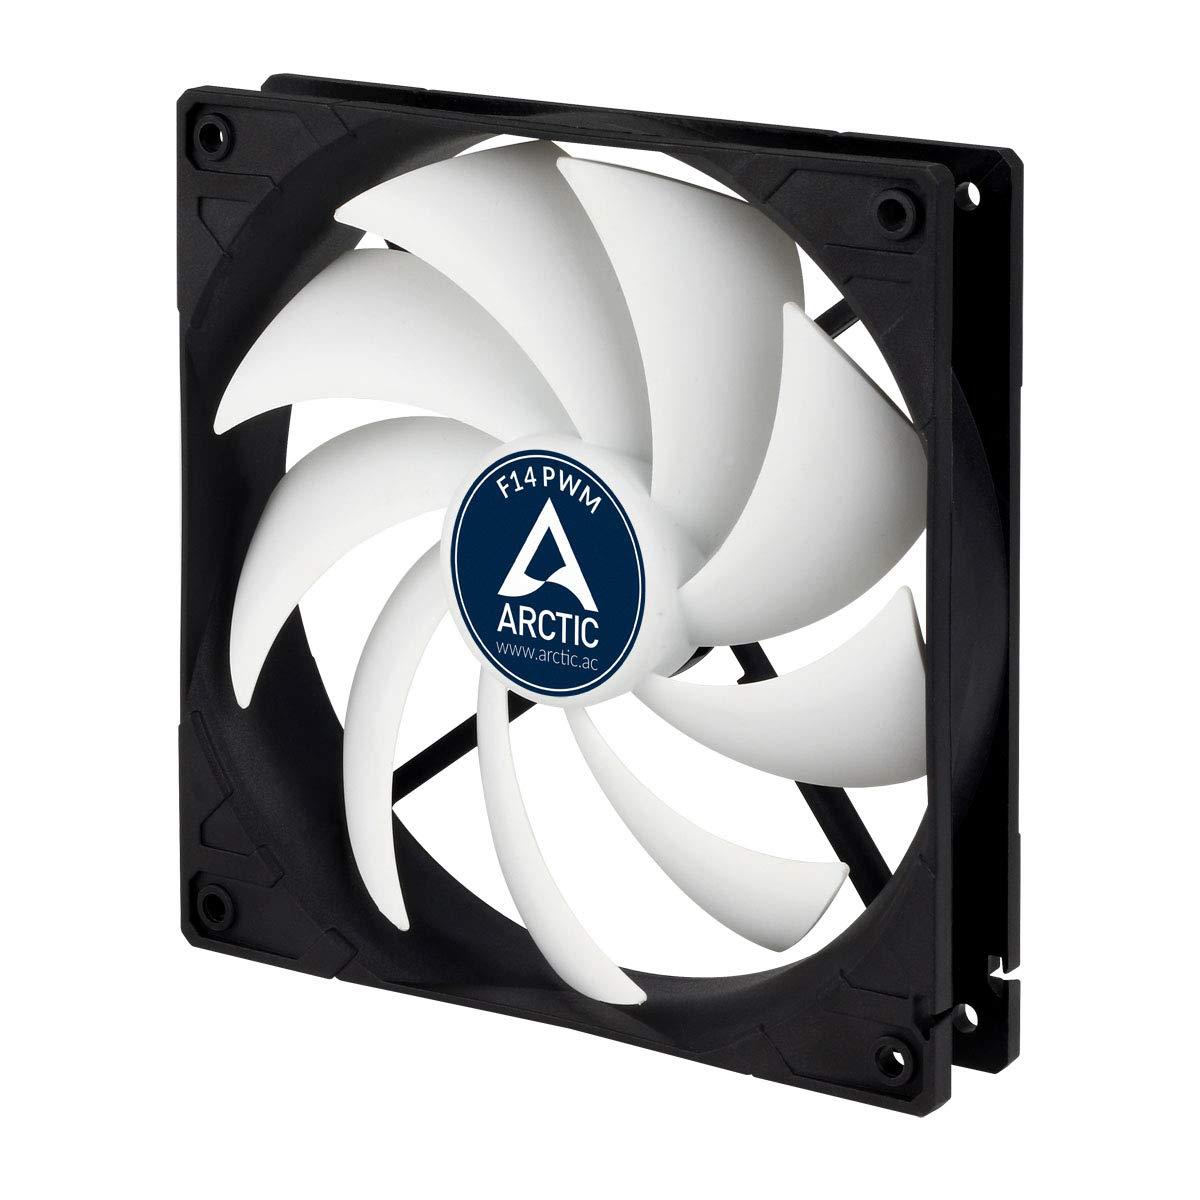 ARCTIC F14 PWM - 140 mm Case Fan, PWM-Signal regulates Fan Speed, Very Quiet Motor, Computer, Fan Speed: 200-1350 RPM - Black/White